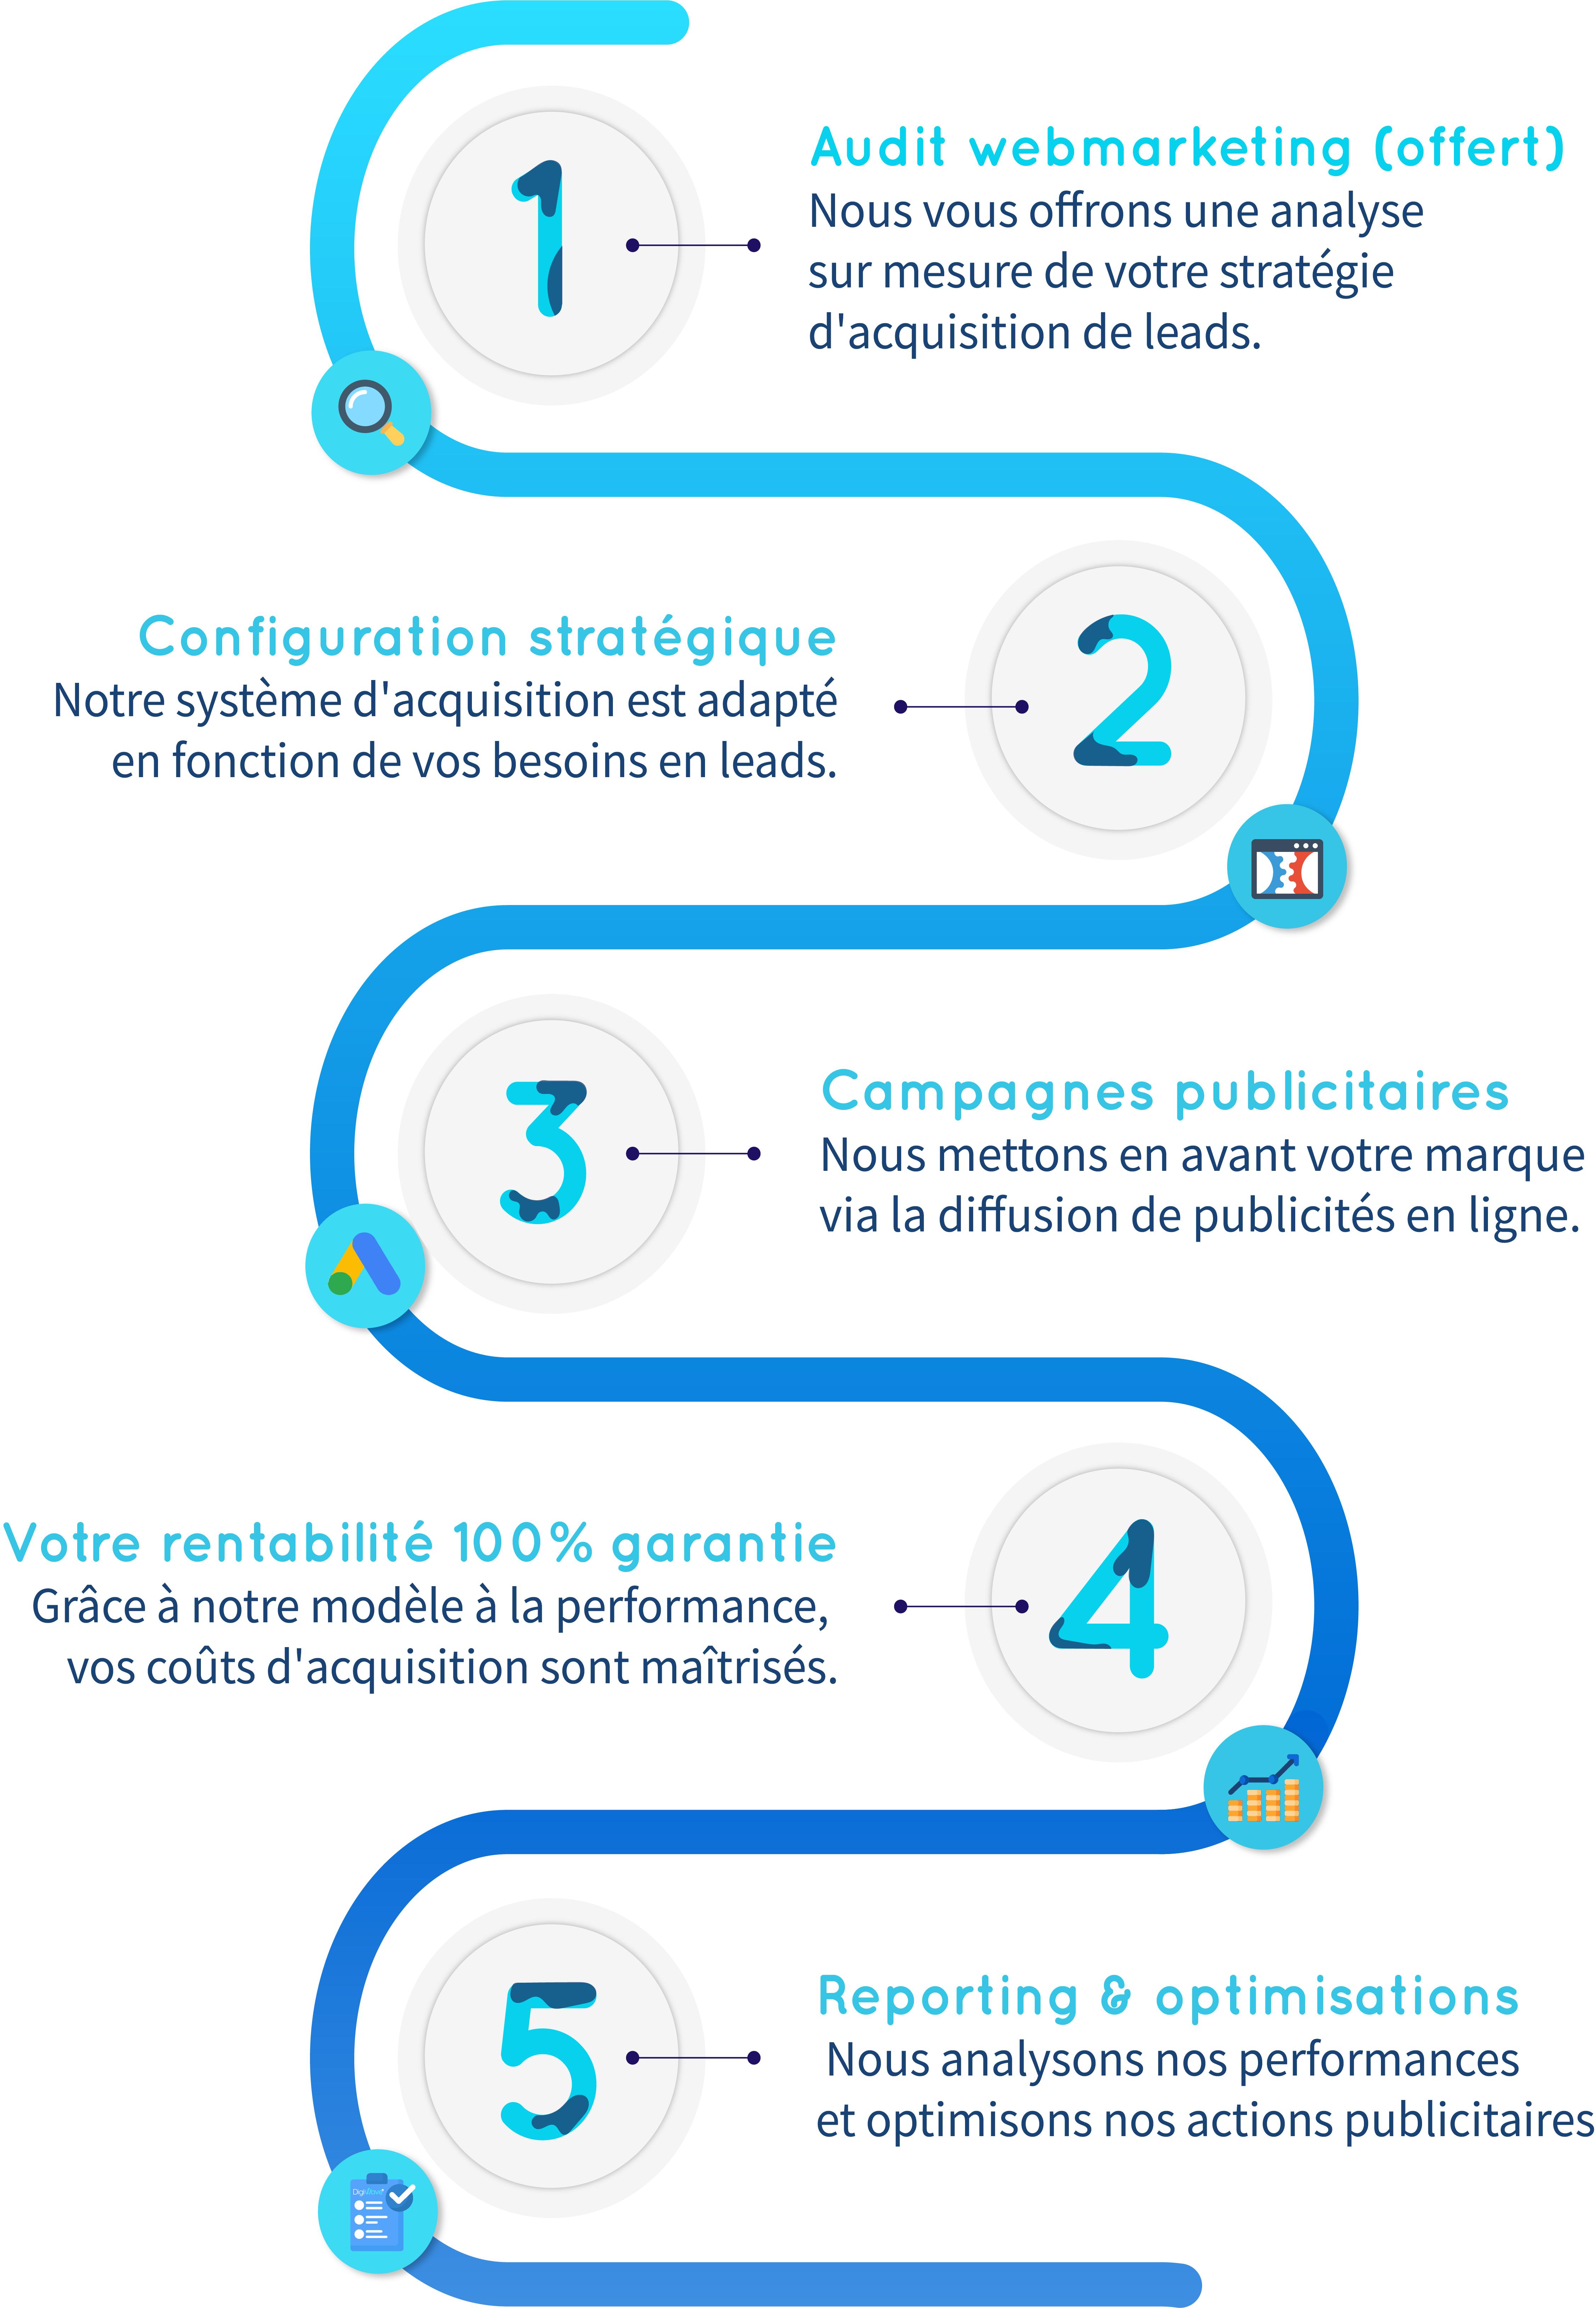 comment-obtenir-générer-des-leads-2021-marketing-digital-comment-générer-rendez-vous